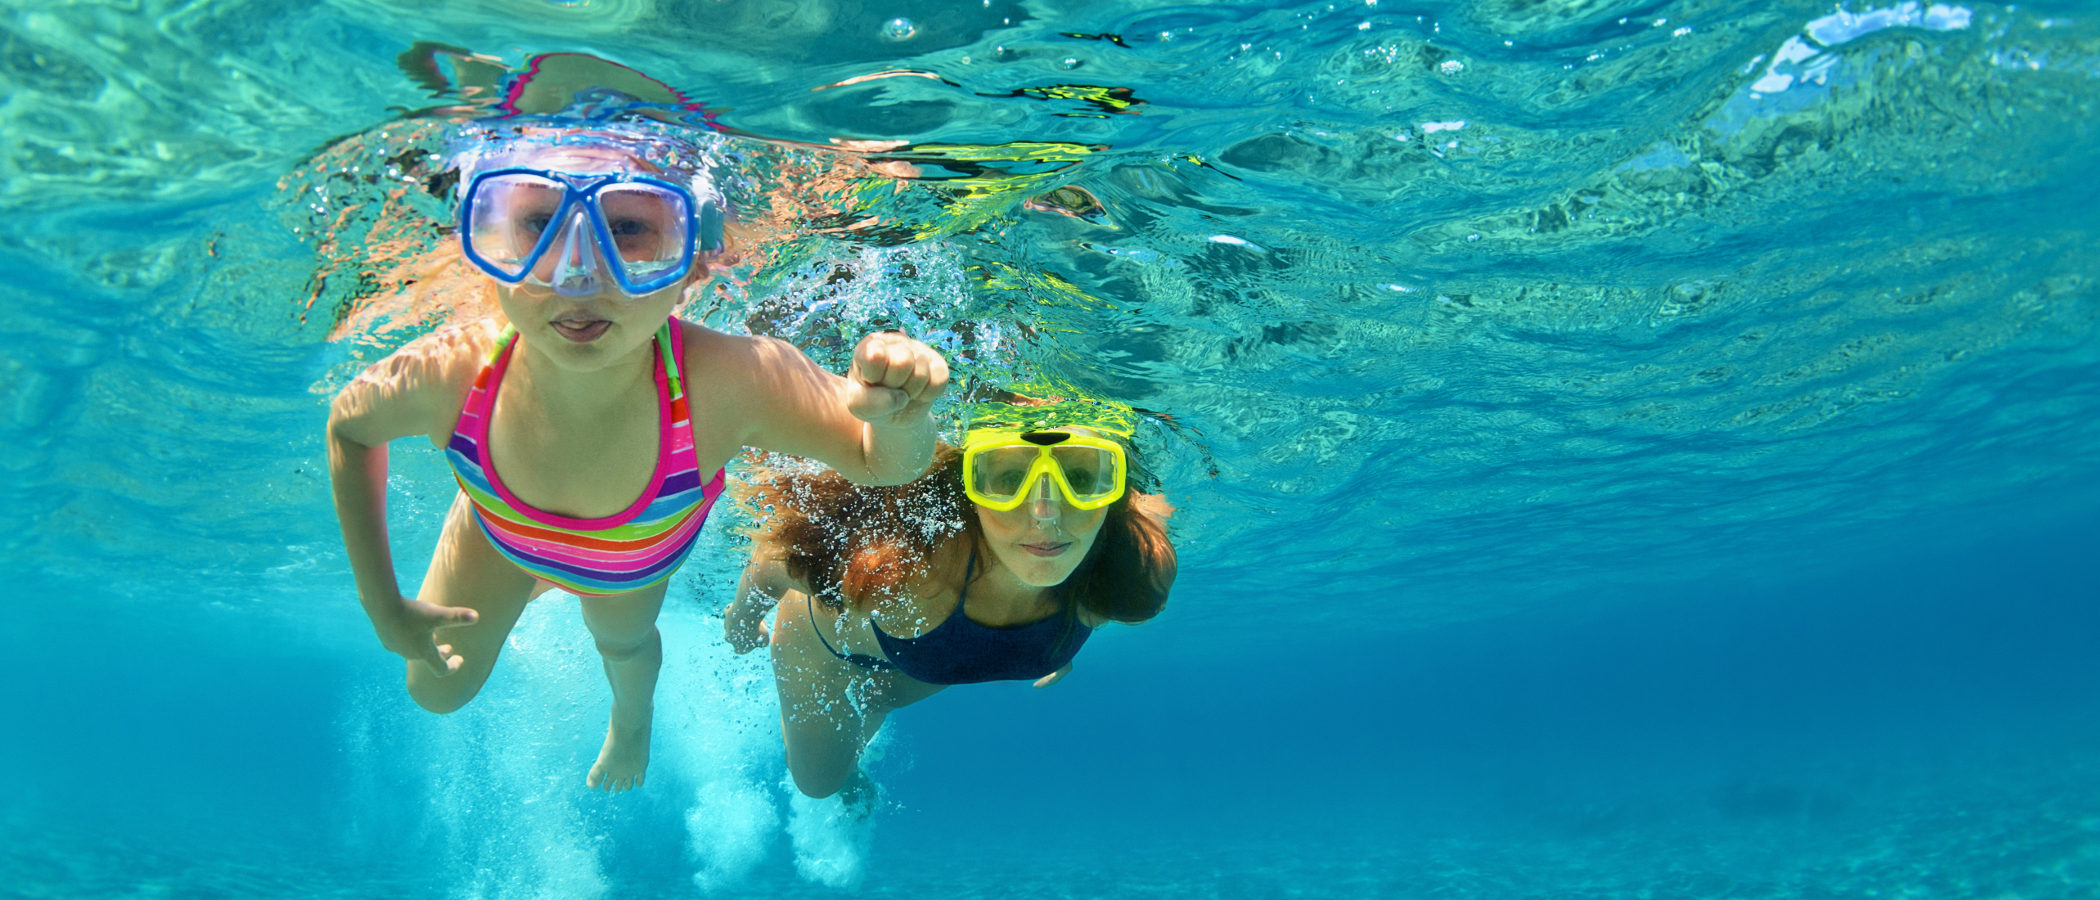 ¿A qué edad es recomendable que un niño aprenda a nadar?